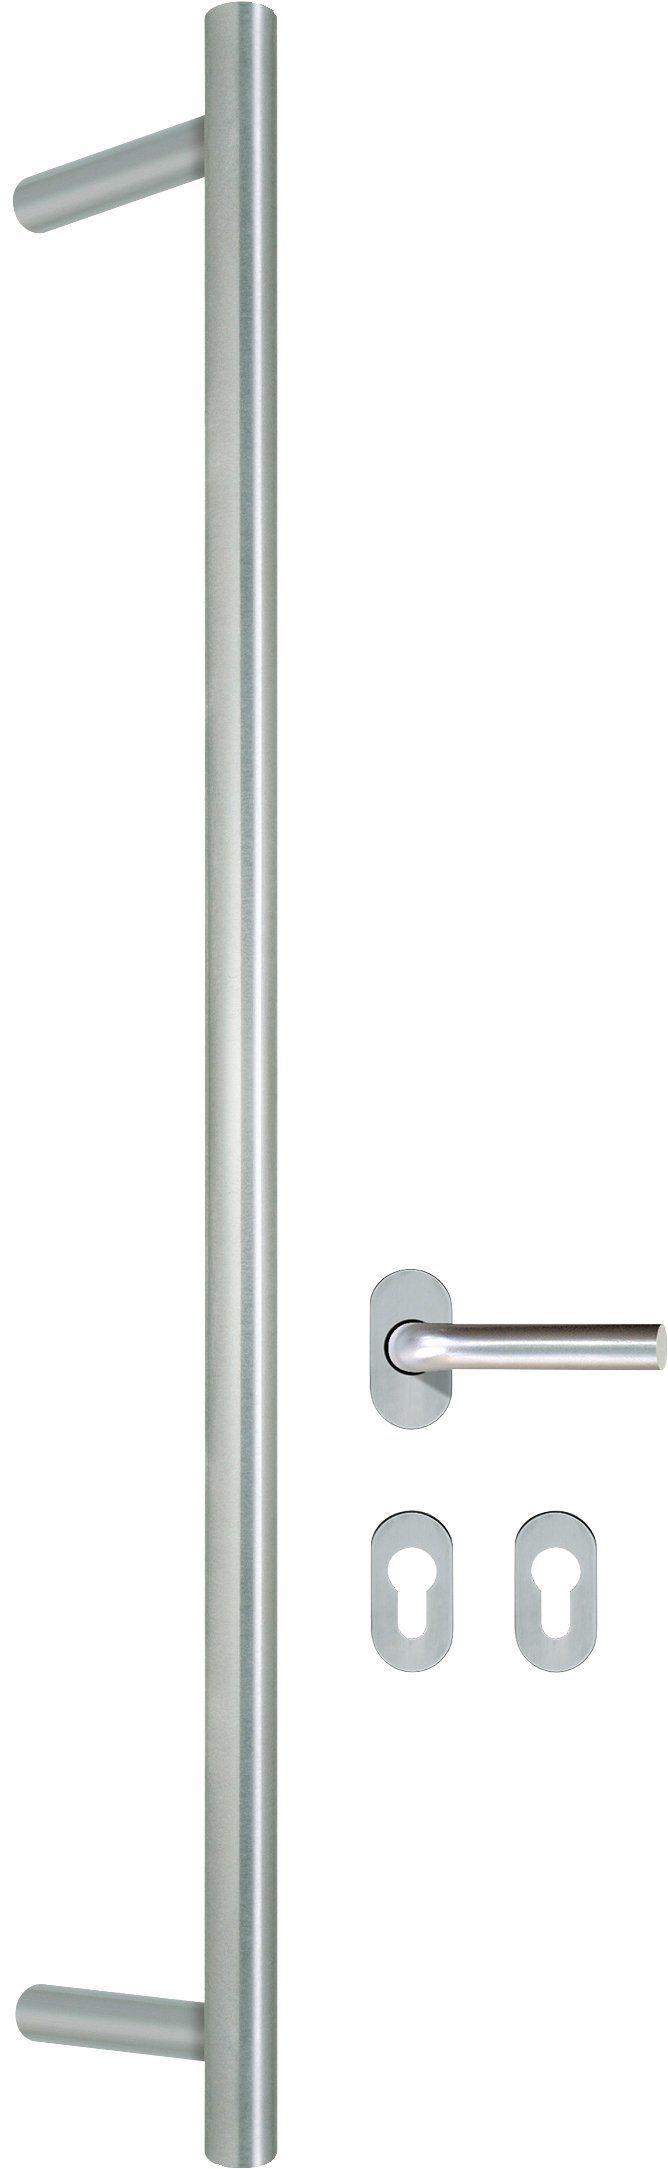 RORO Türbeschlag , Länge: 140 cm